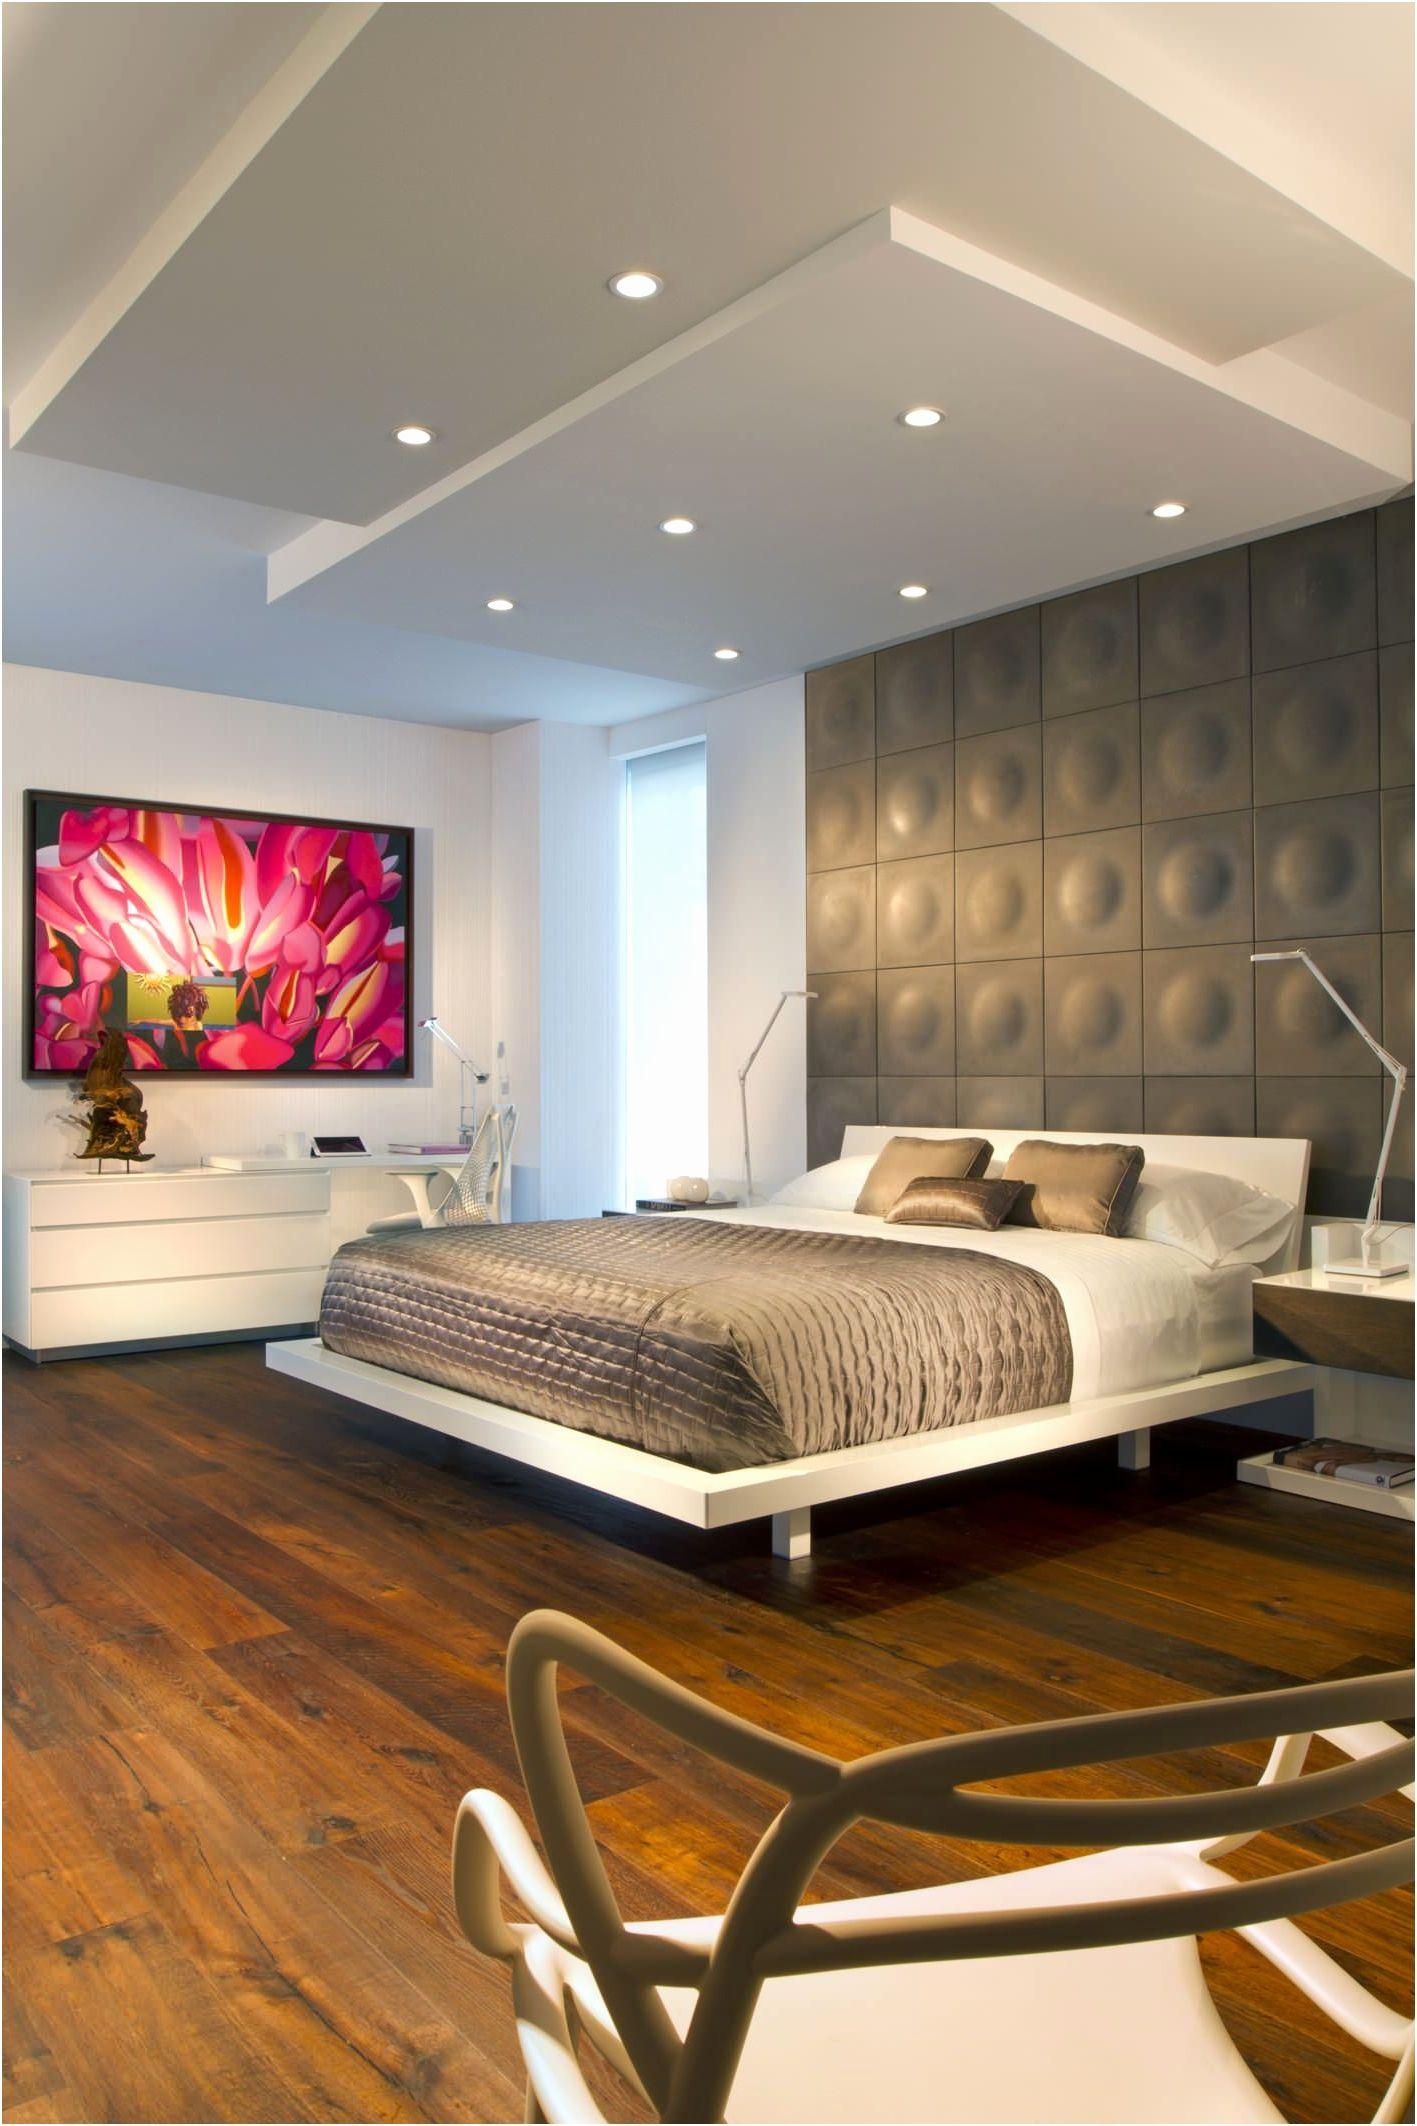 Full Size of Deckenleuchte Schlafzimmer Modern Led Esszimmer Licht Deckenleuchten Bad Vorhänge Wohnzimmer Komplett Mit Lattenrost Und Matratze Küche Holz Günstige Schlafzimmer Deckenleuchte Schlafzimmer Modern